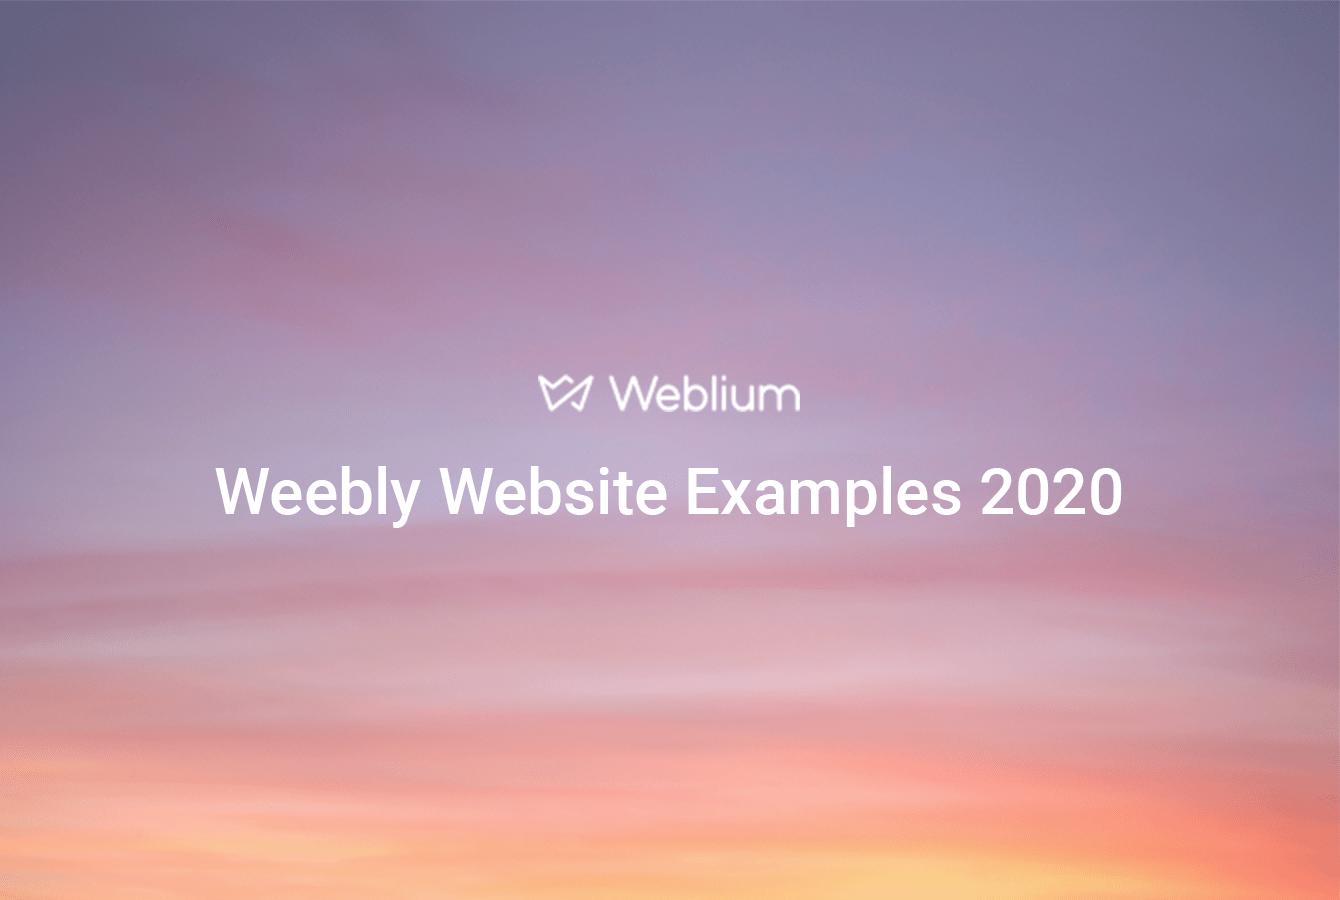 weebly website examples - weblium